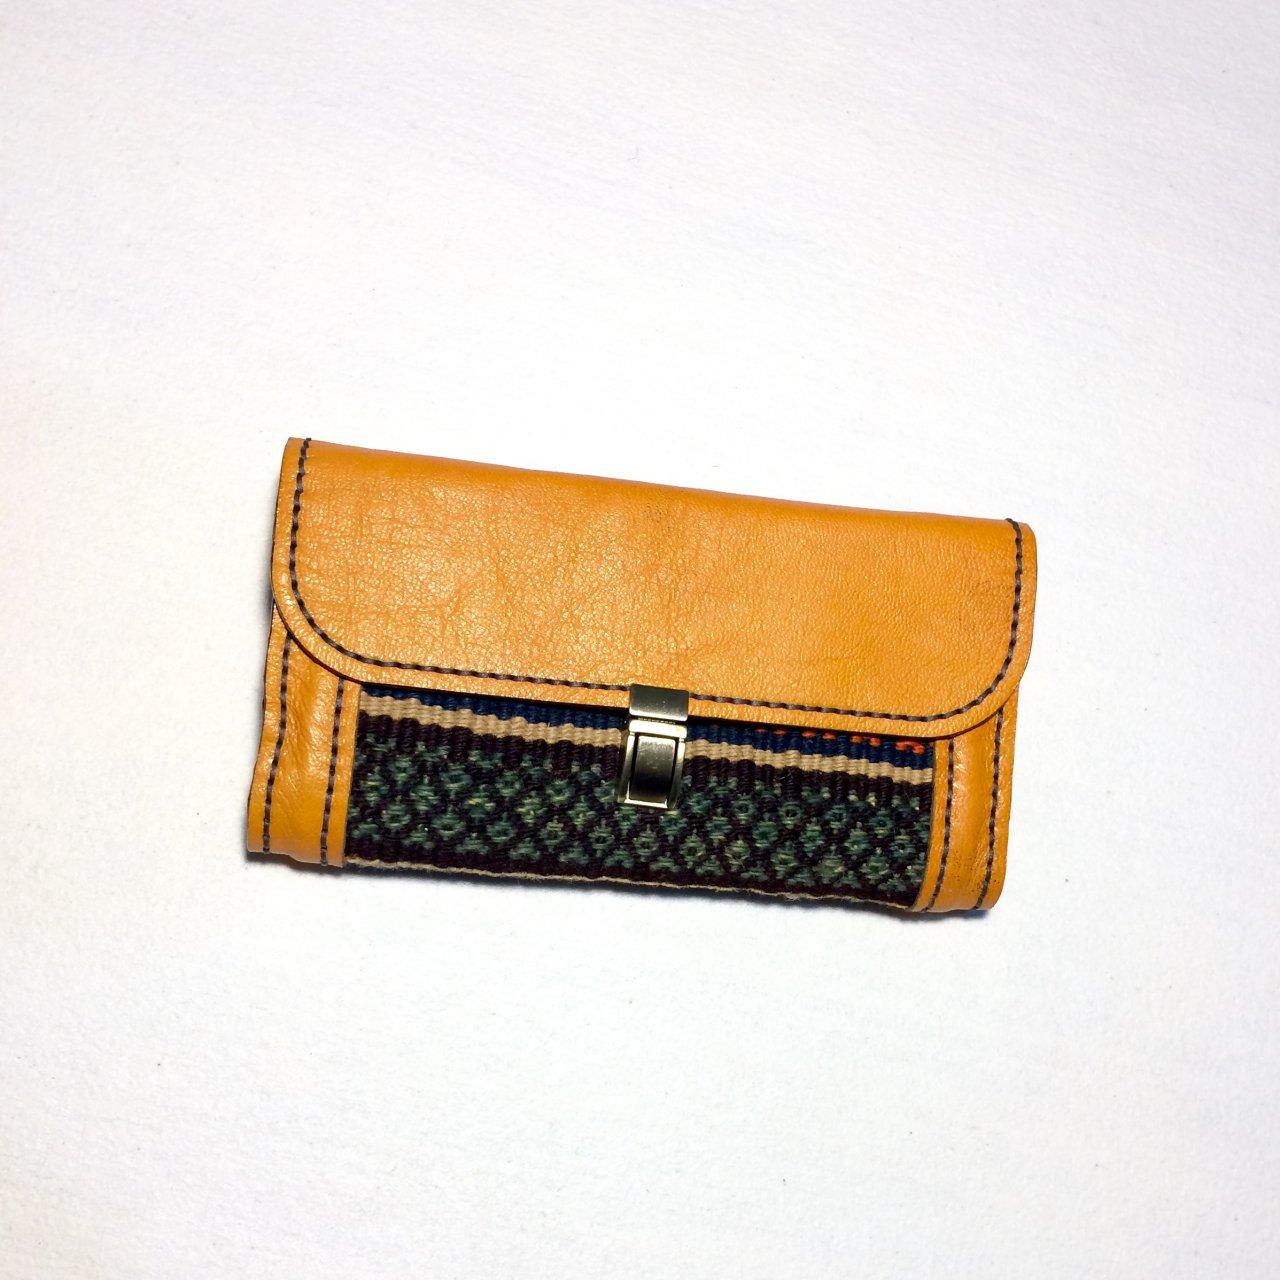 کیف پول زنانه با کد FW002/2